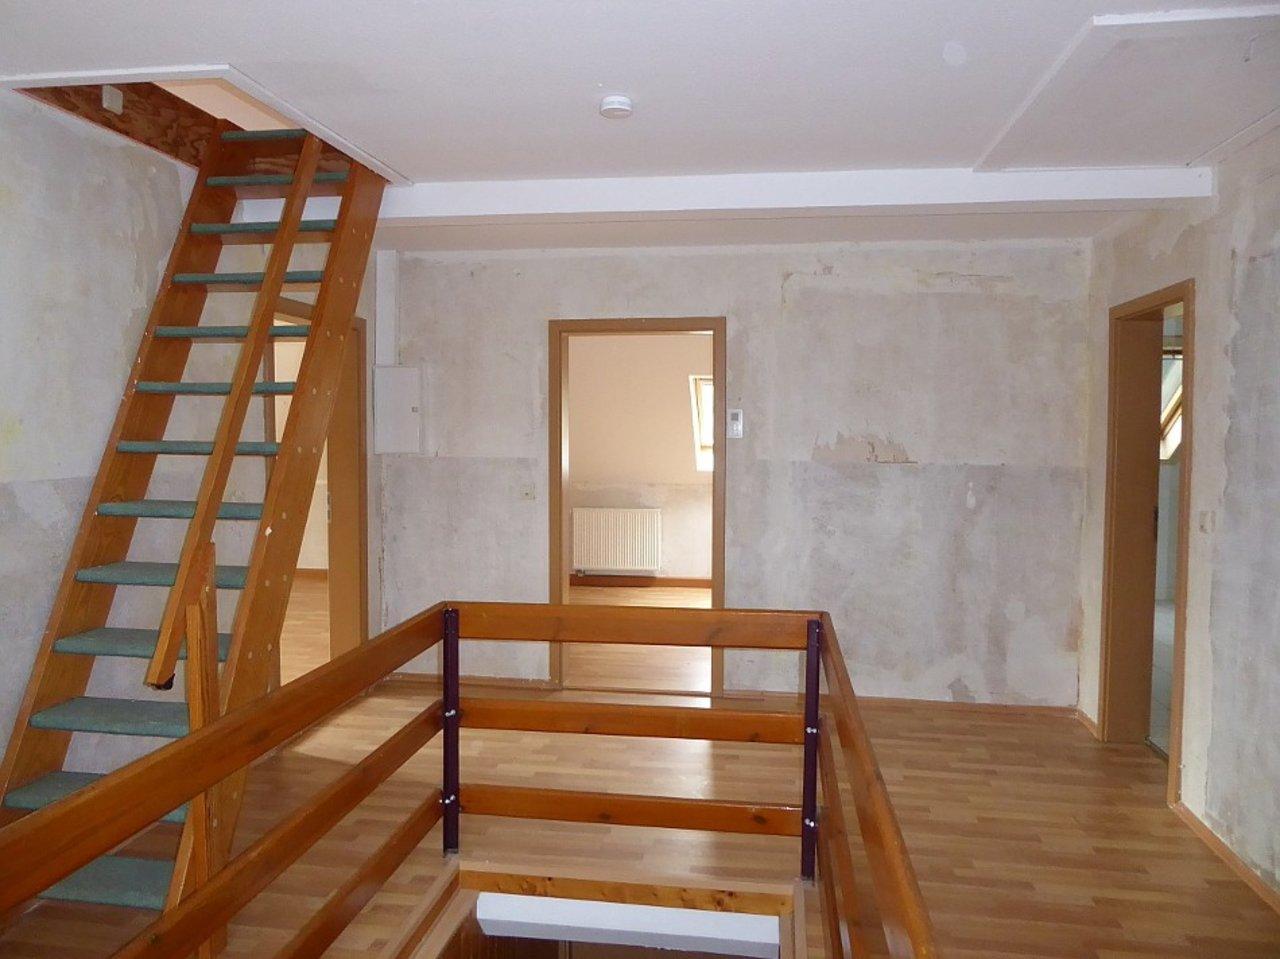 Individuelle 3-Zimmer-DG-Wohnung mit ausgebautem Dachspitz in Arnstadt-Diele